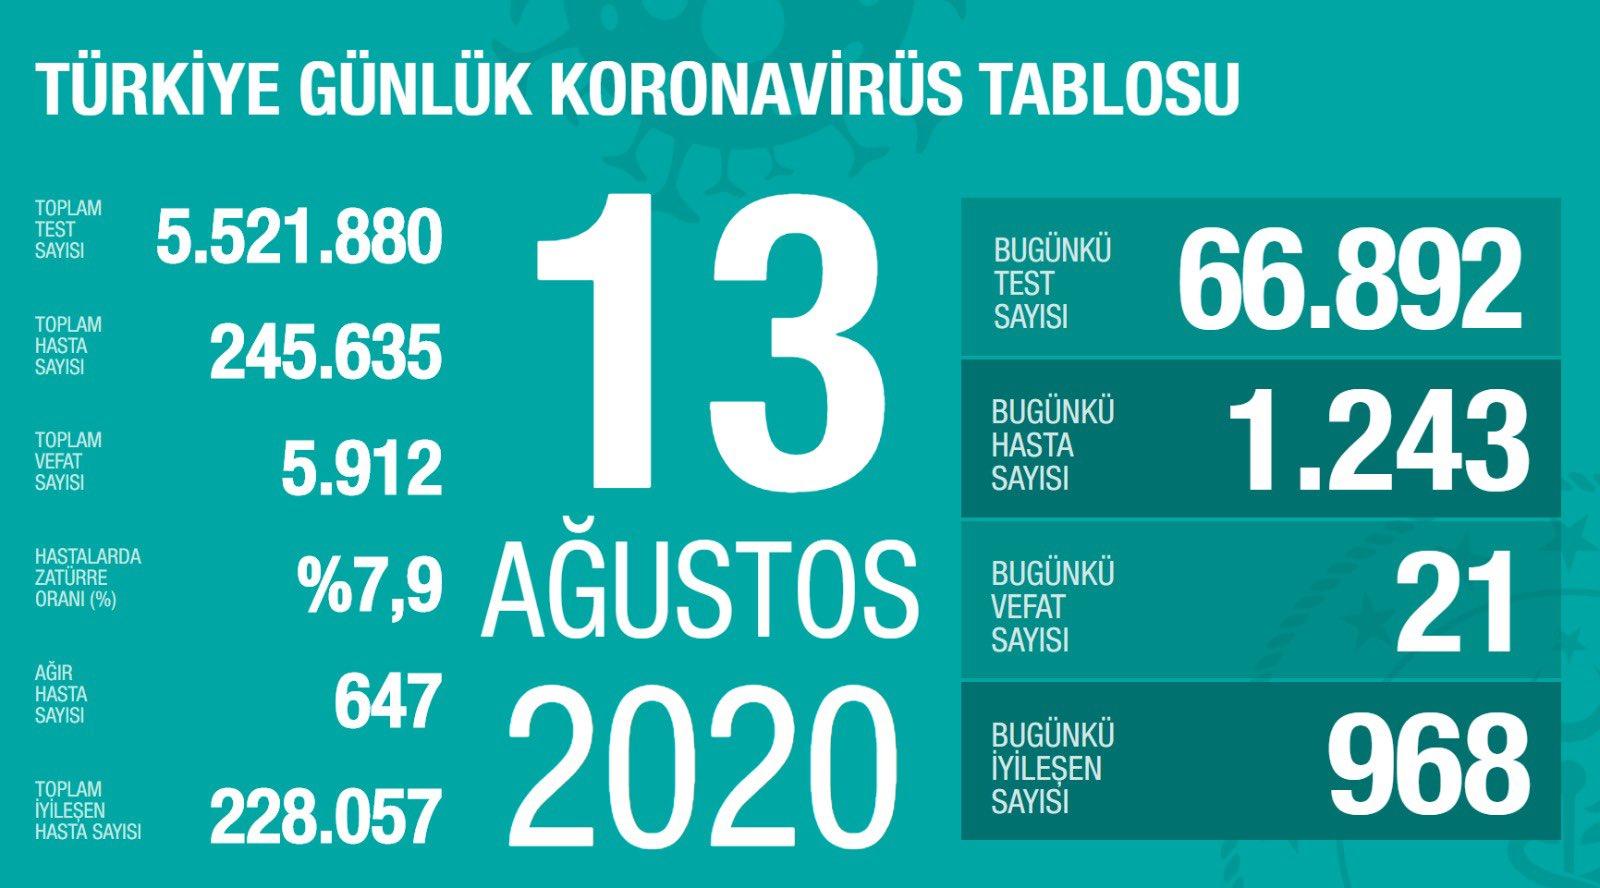 13 Ağustos Türkiye Koronavirüs Tablosu Açıkladı